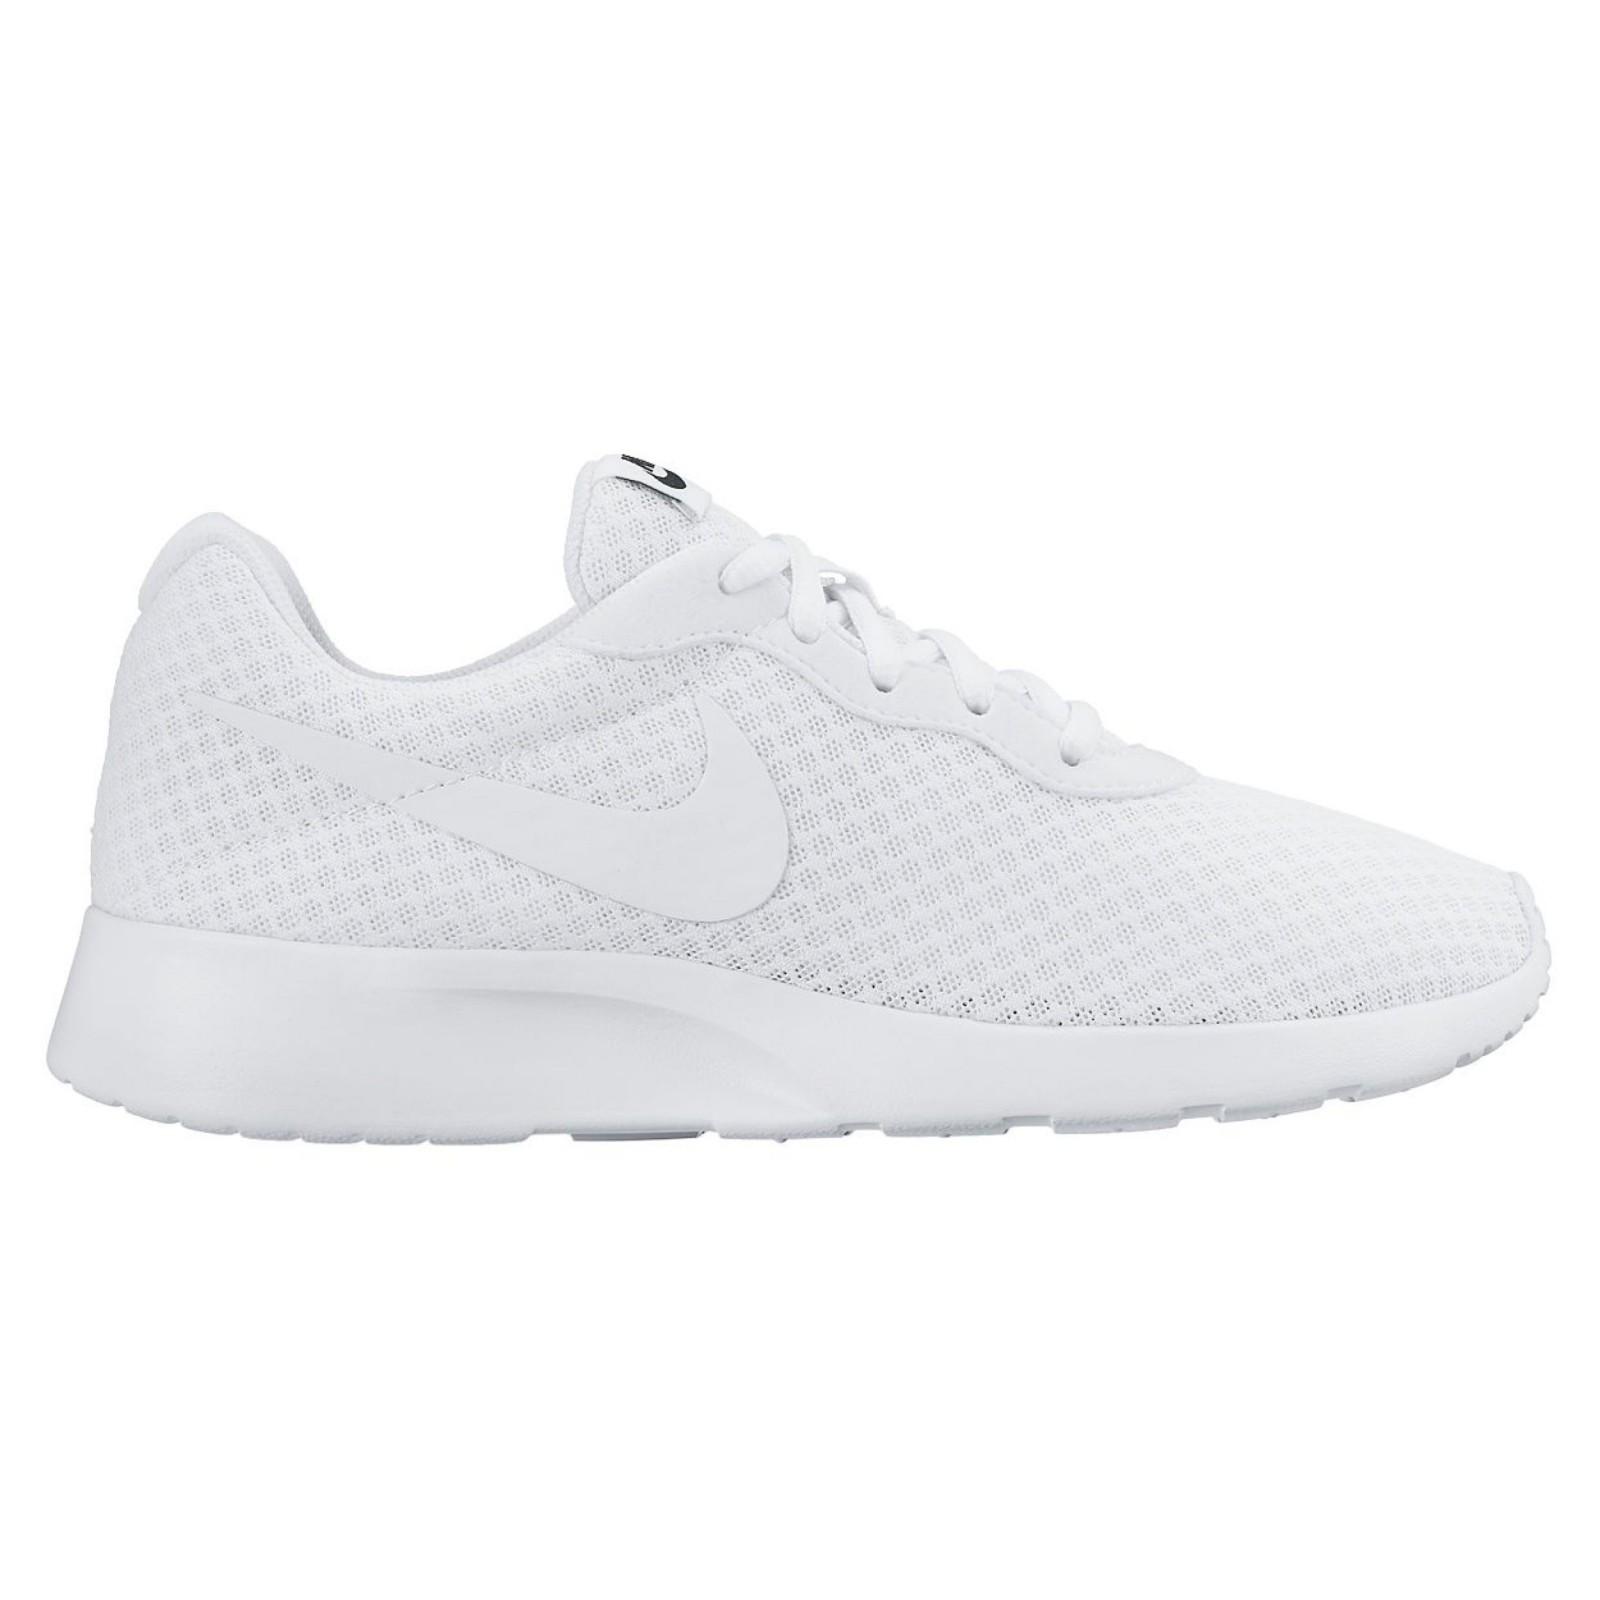 9c3c31e11b0 Dámské boty Nike WMNS TANJUN